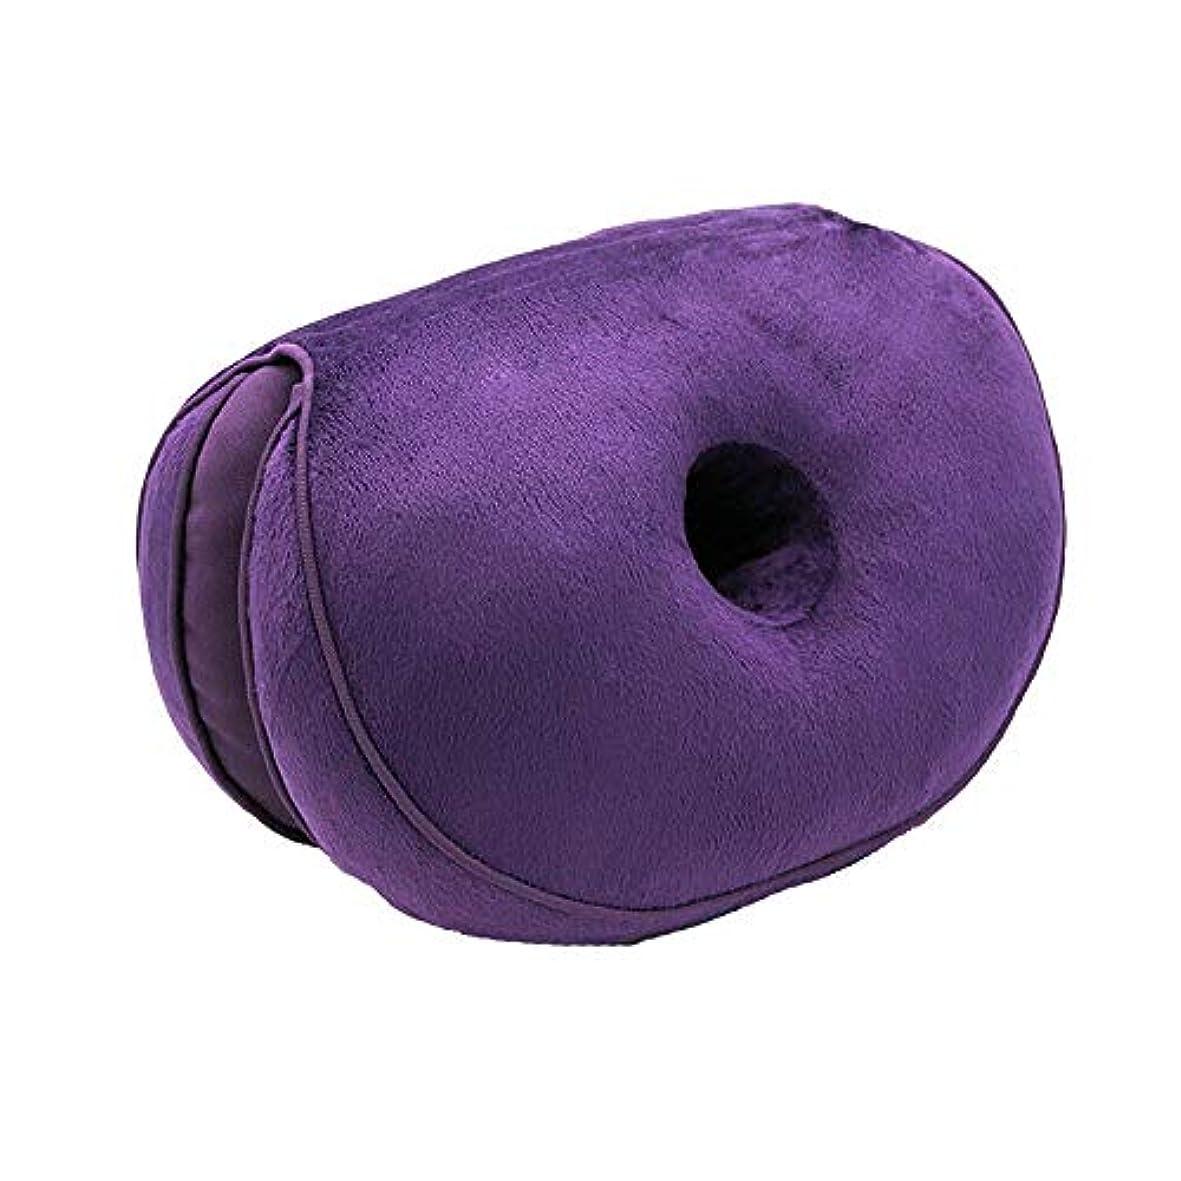 火炎同行エンゲージメントLIFE 新デュアルシートクッション低反発ラテックスオフィスチェアバックシートクッション快適な臀部マットパッド枕旅行枕女性女の子 クッション 椅子